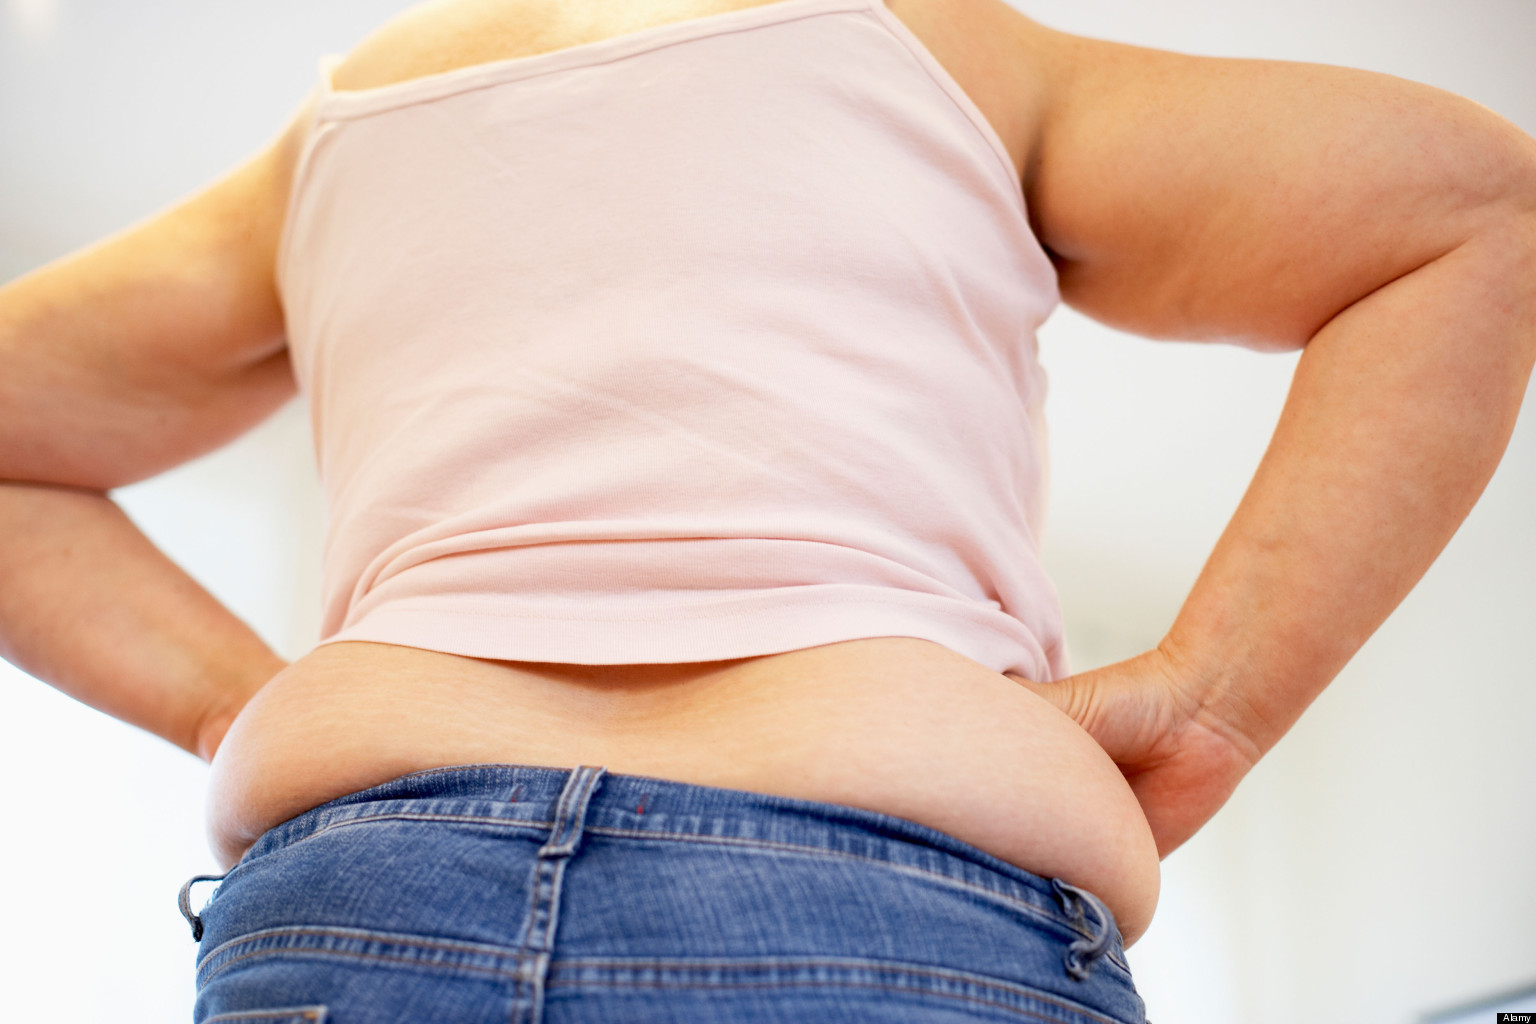 5 cách để giảm mỡ bụng đơn giản mà hiệu quả 1